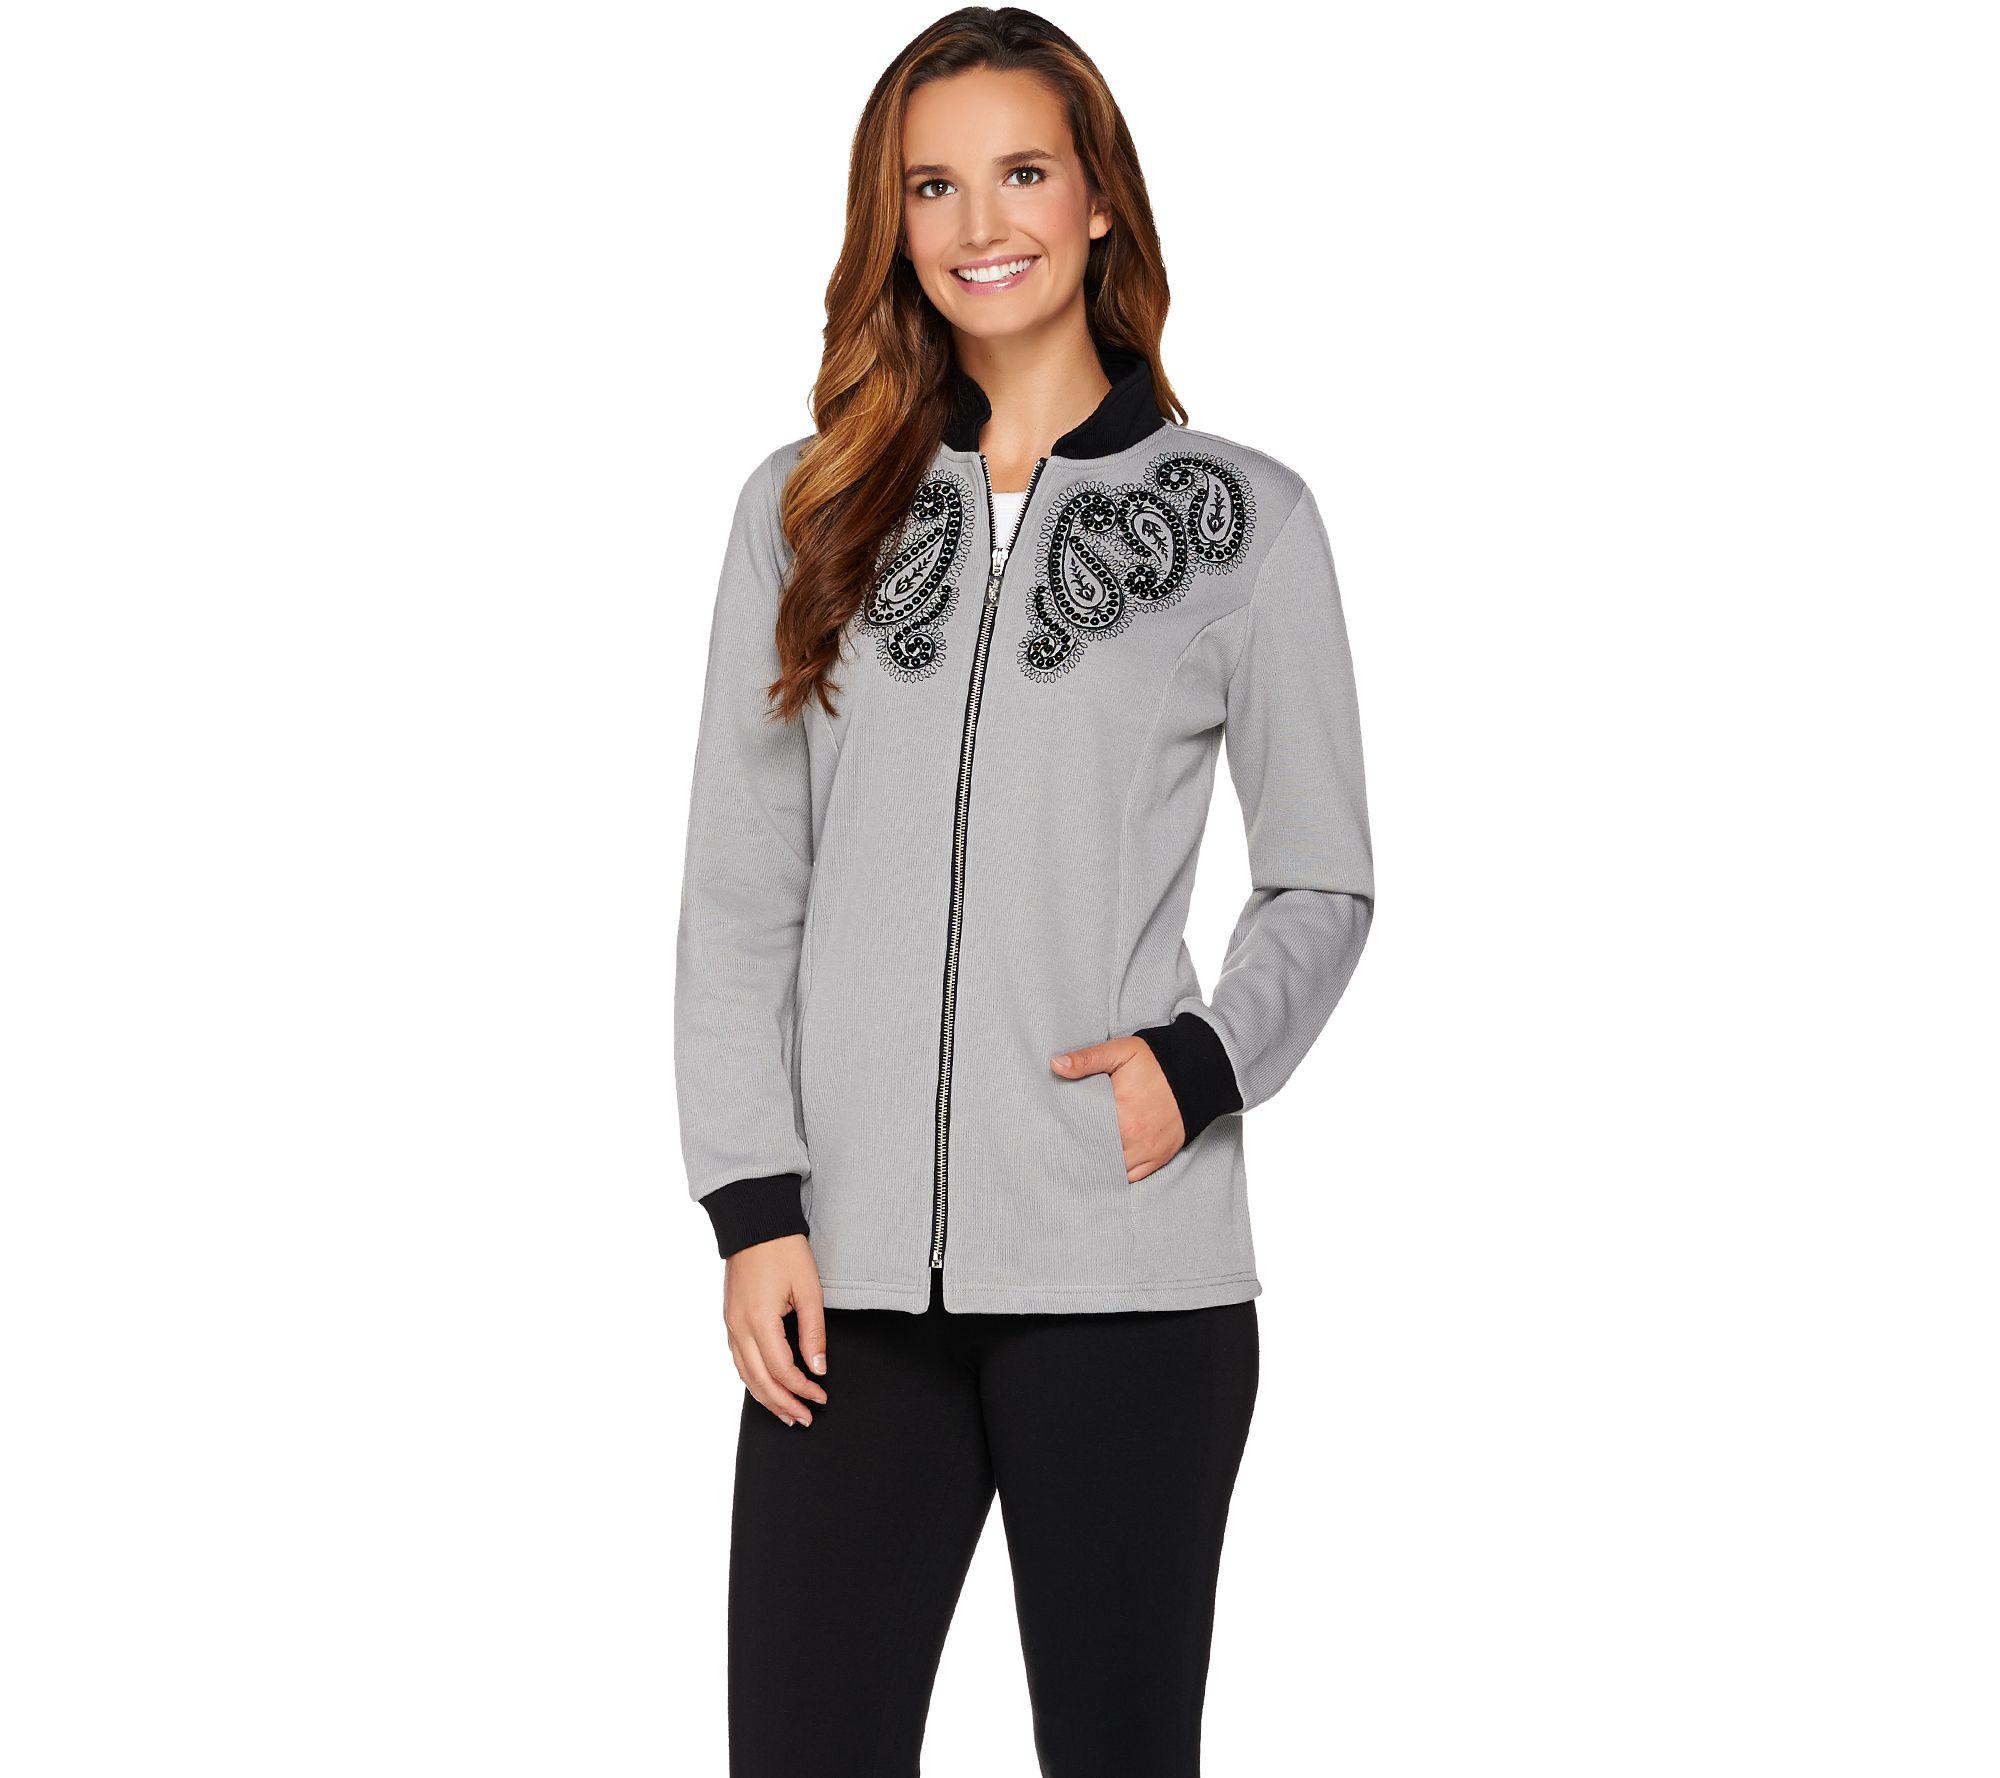 Qvc com shopping online